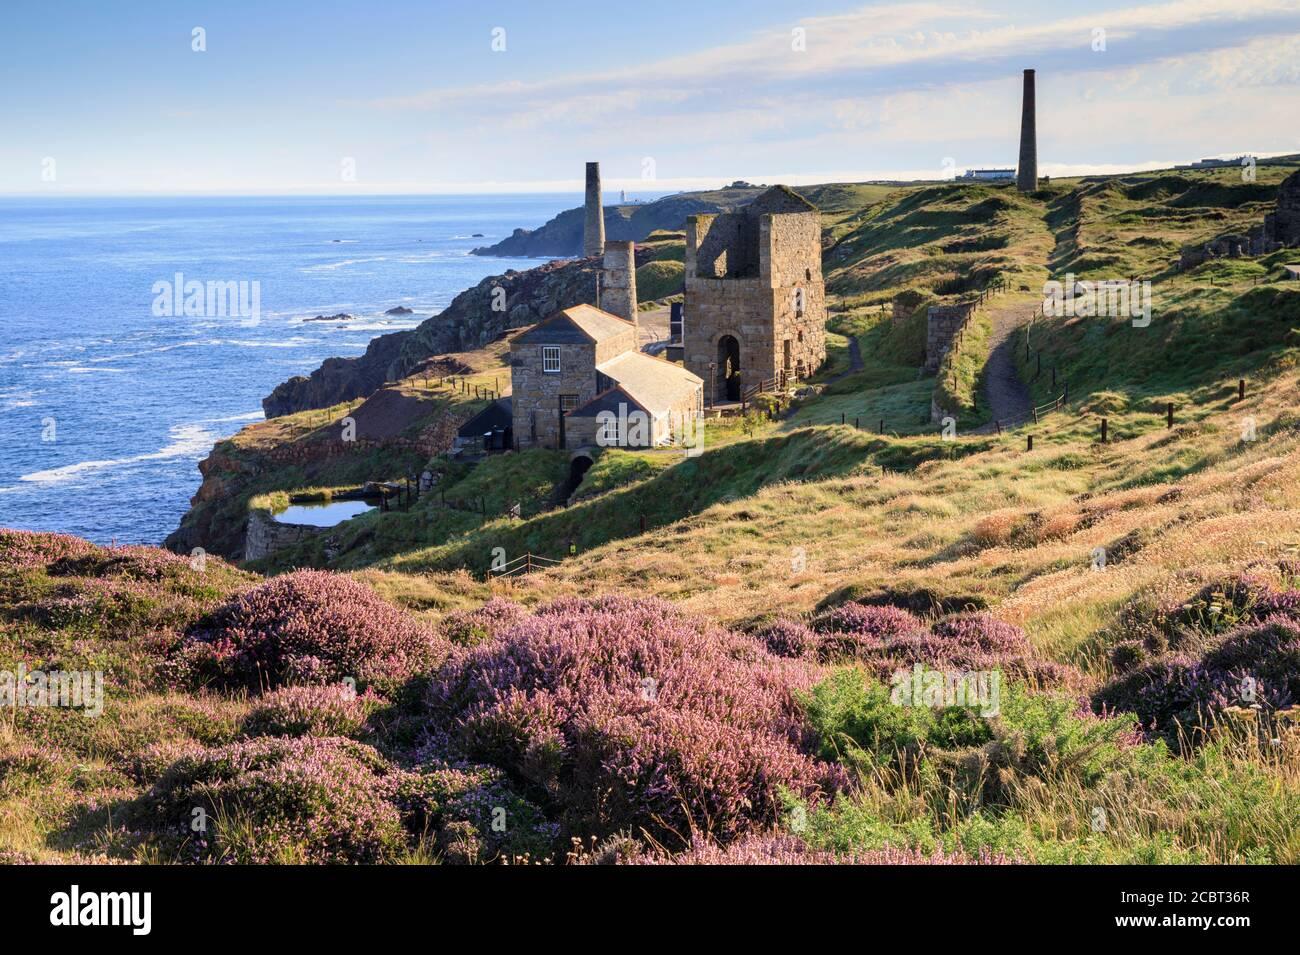 Levant Mine in Cornwall wurde an einem Morgen Anfang August gefangen, als die Heide in Blüte stand. Stockfoto